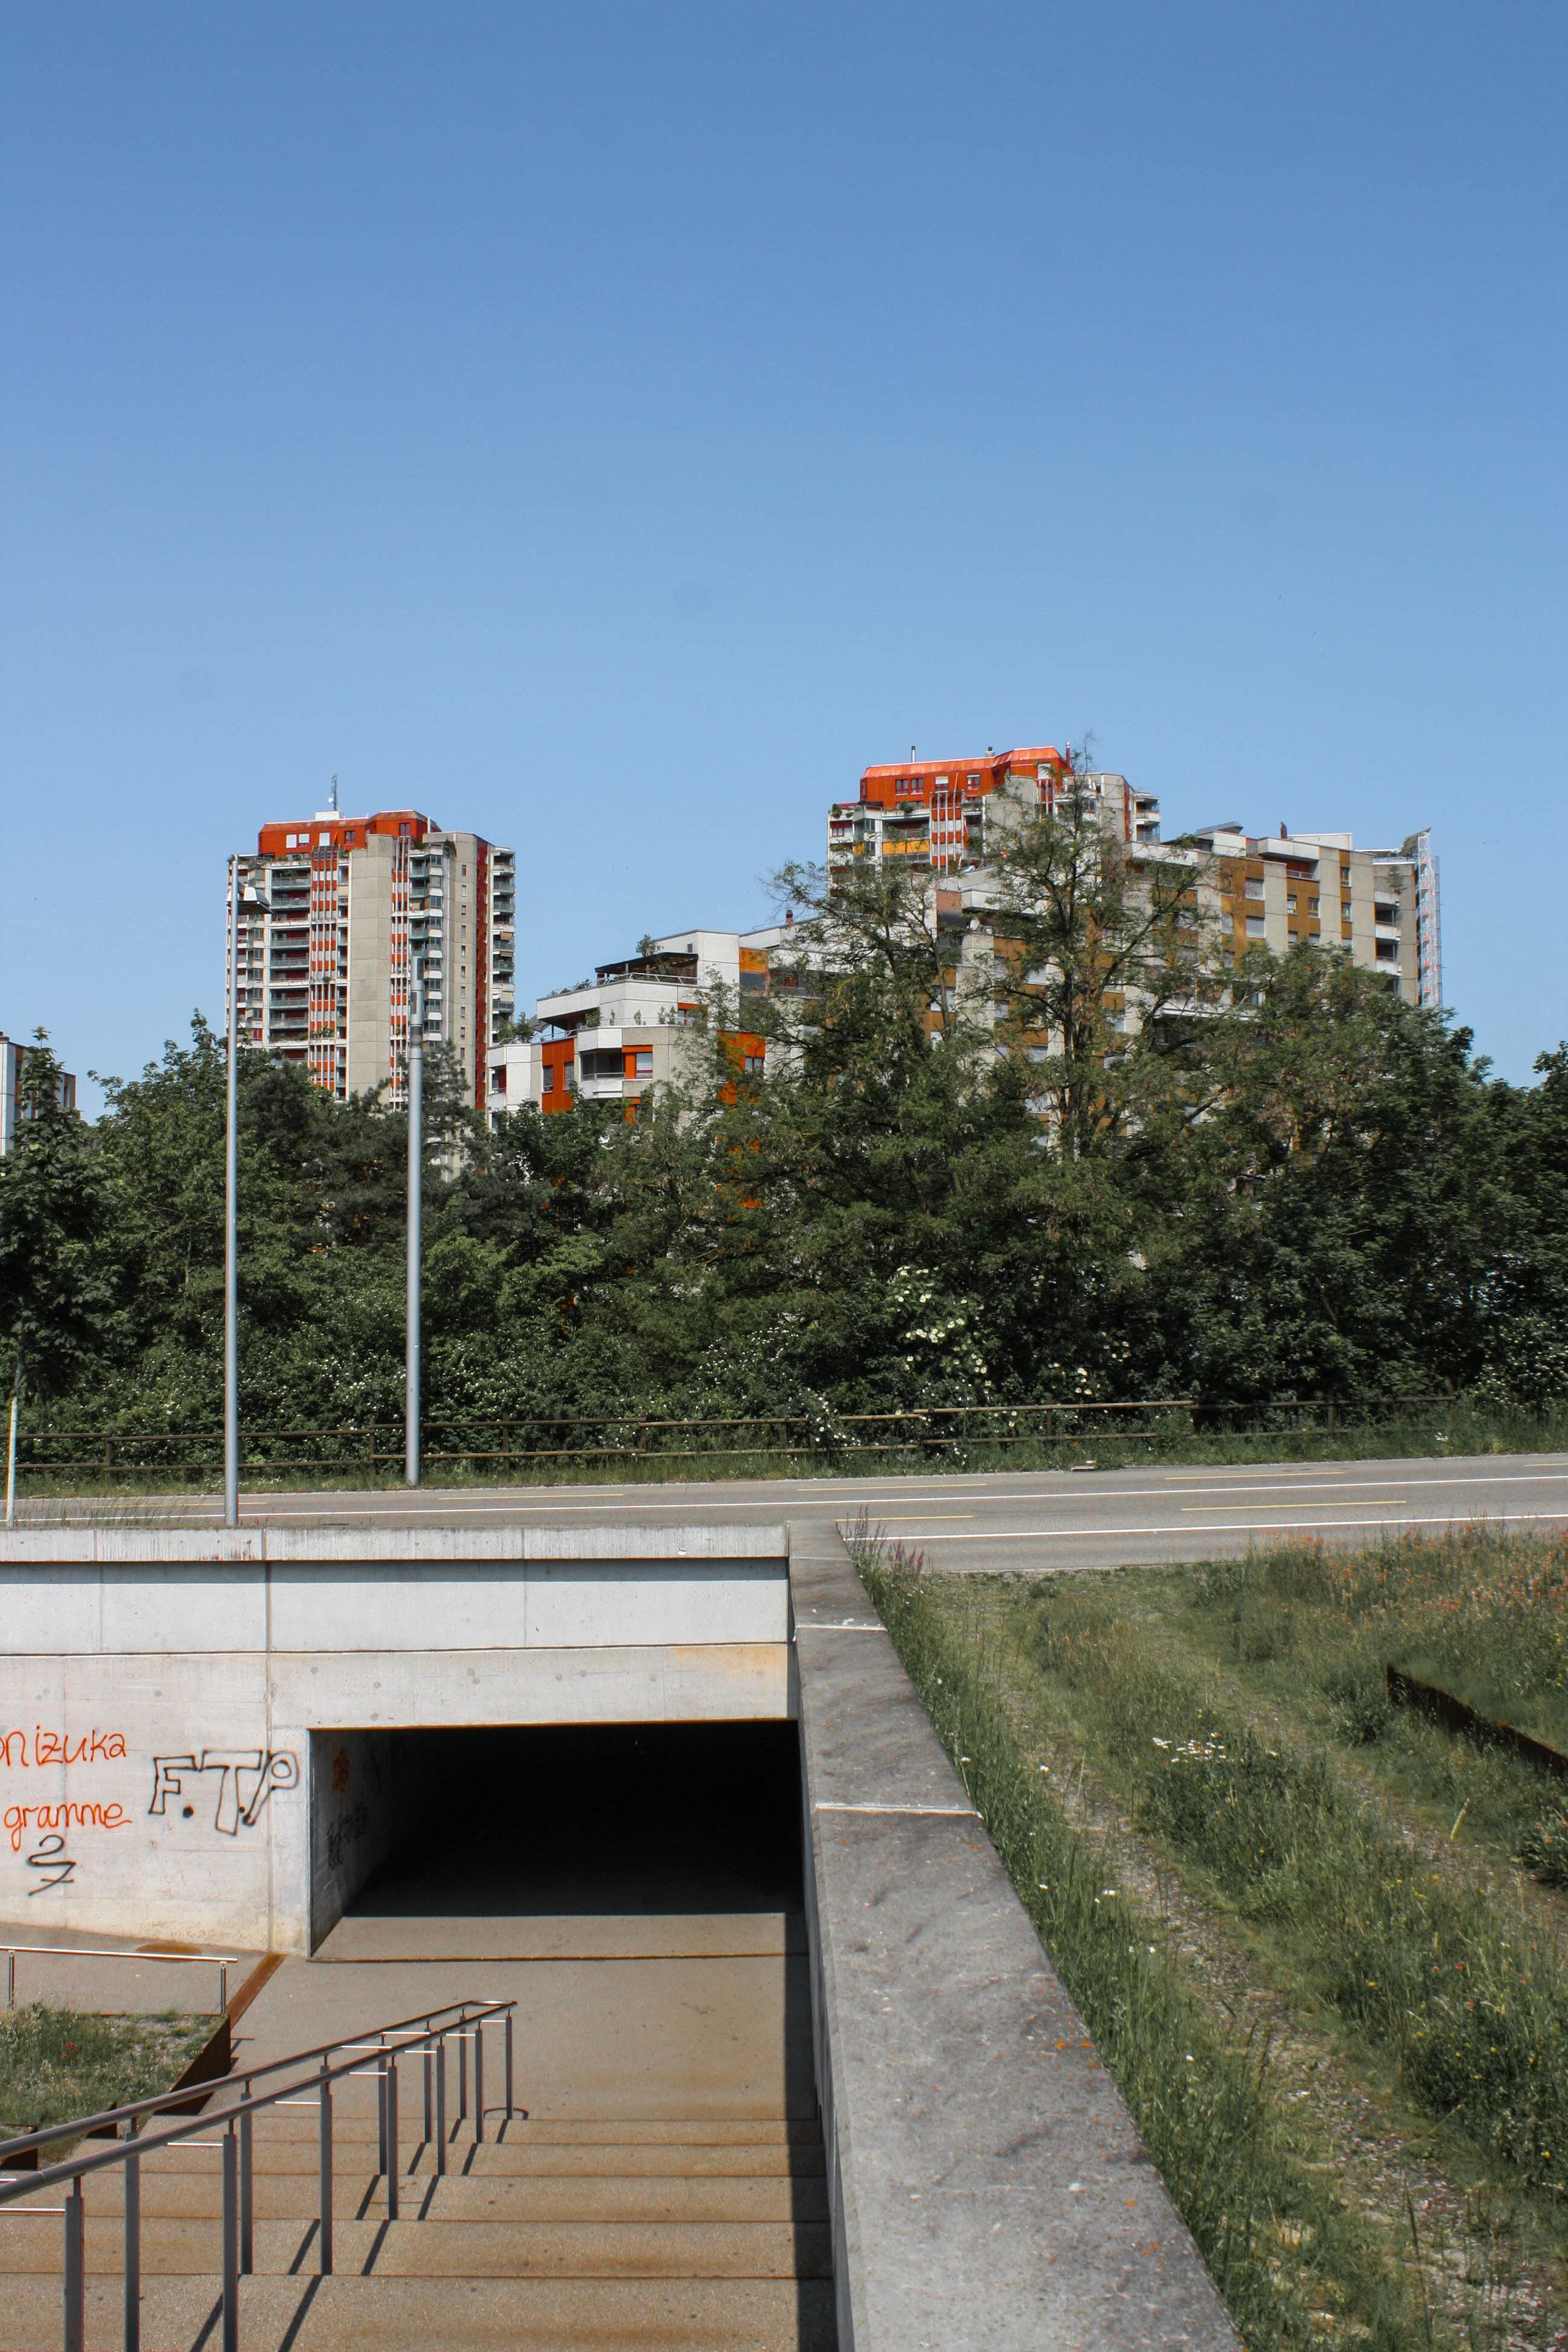 balkongrüm (35 von 1).jpg